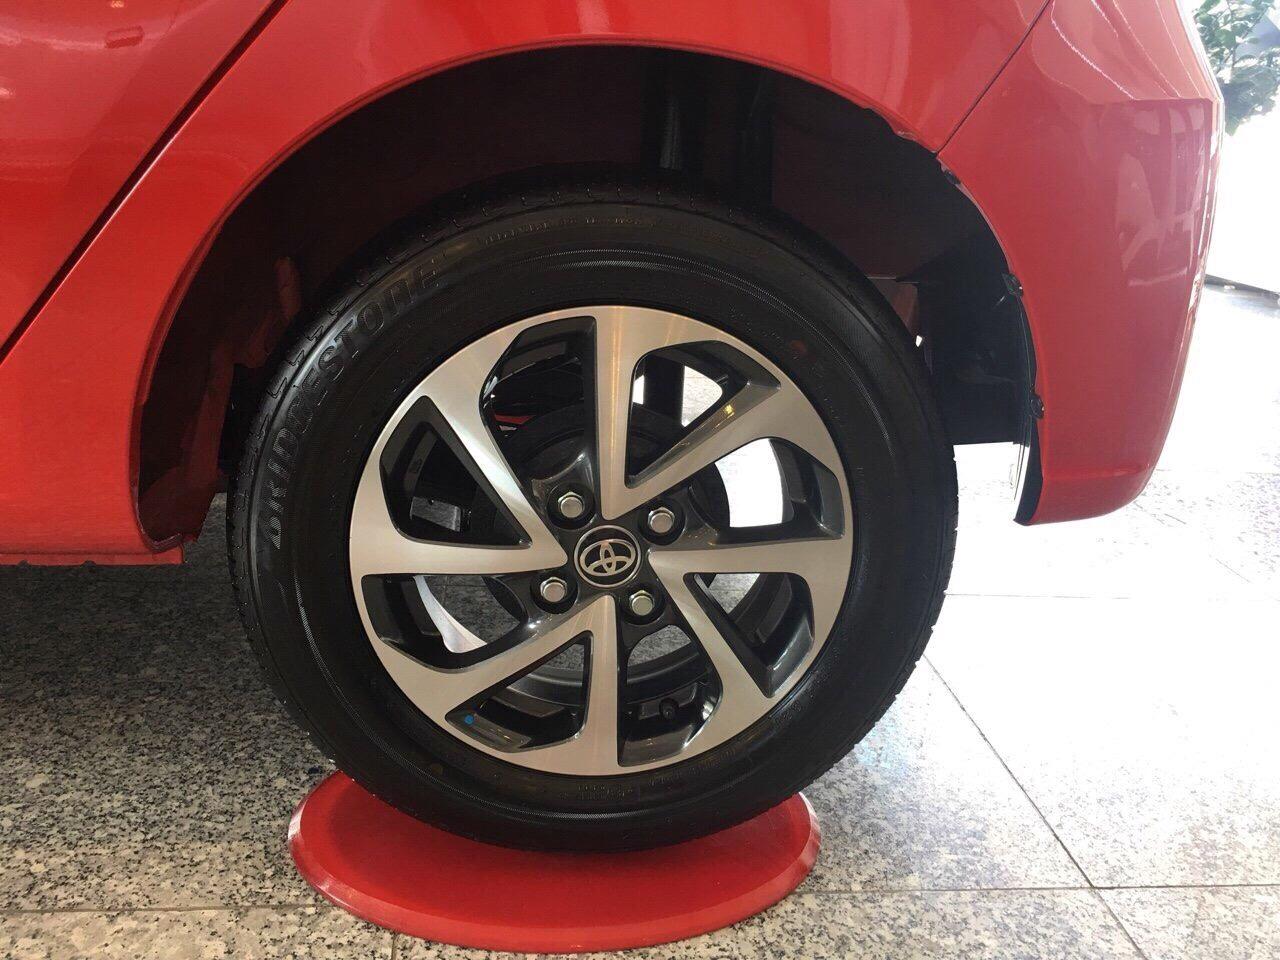 Toyota Wigo ảnh 6 - Toyota Wigo: giá xe và khuyến mãi tháng [hienthithang]/[hienthinam]